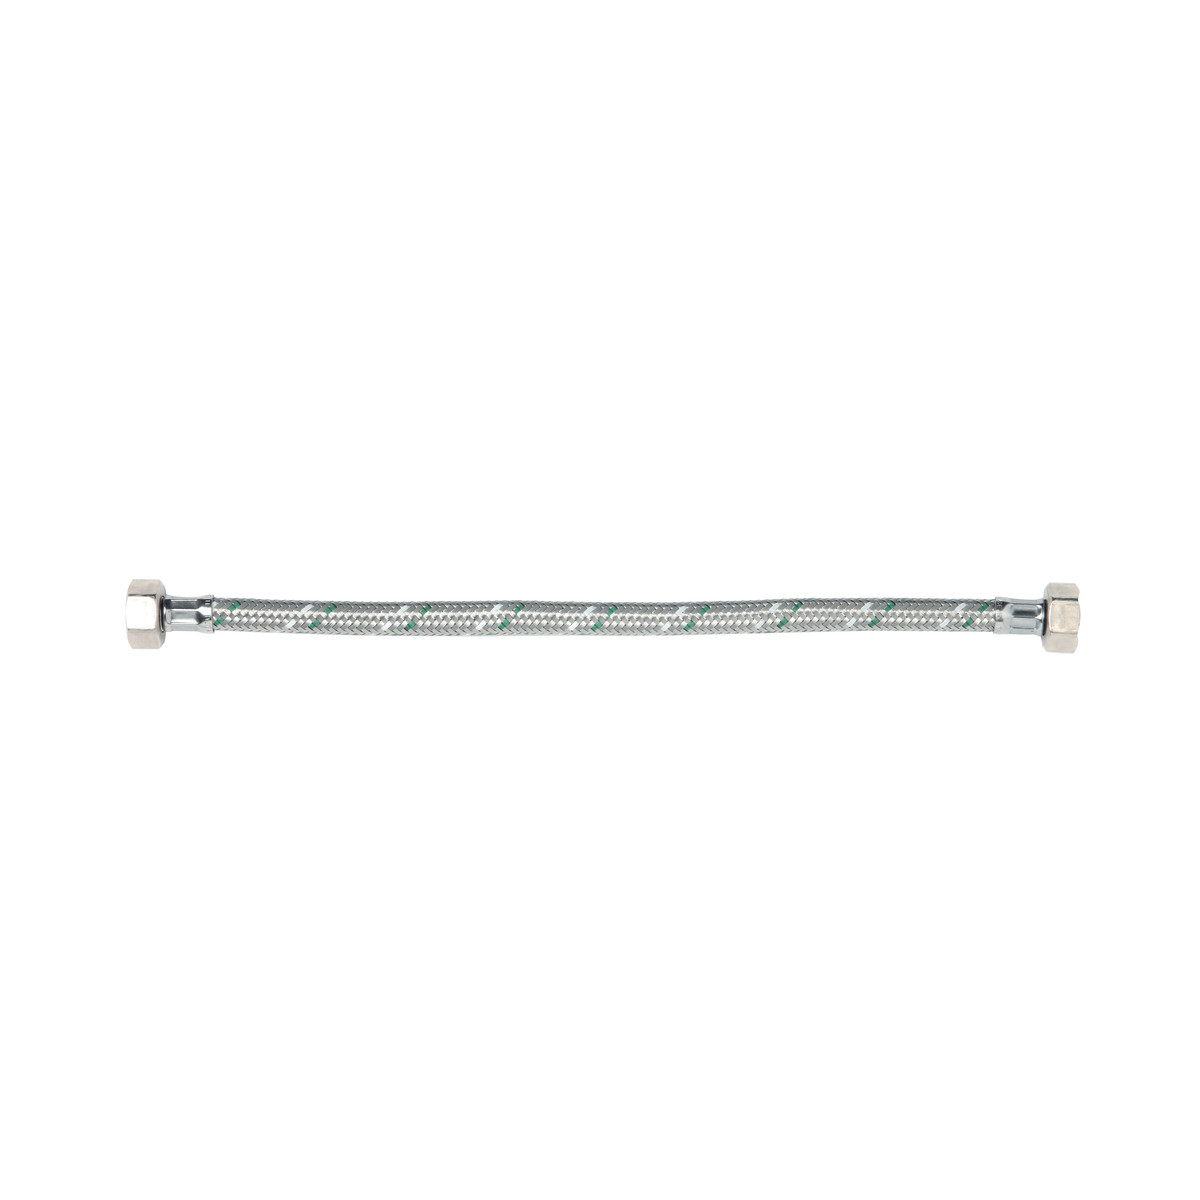 Flessibile f3 8 x f3 8 l 20 cm prezzi e offerte online for Flessibile leroy merlin